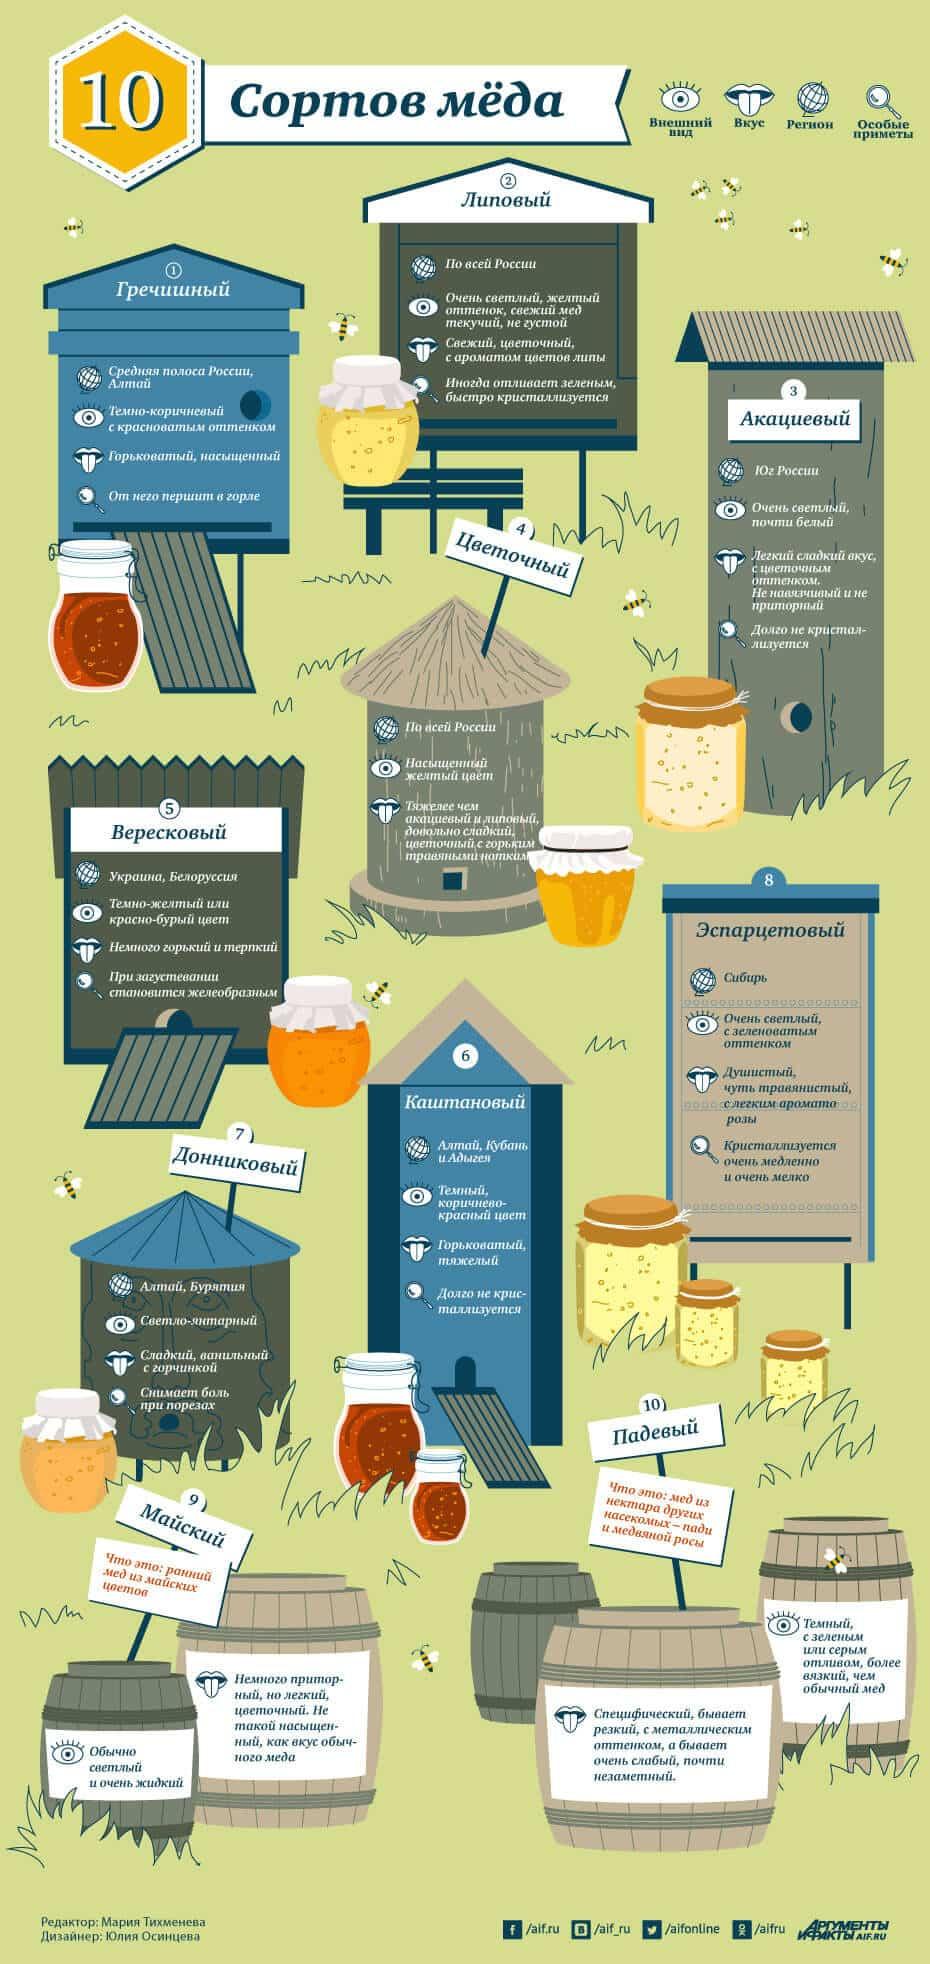 инфографика 10 сортов меда